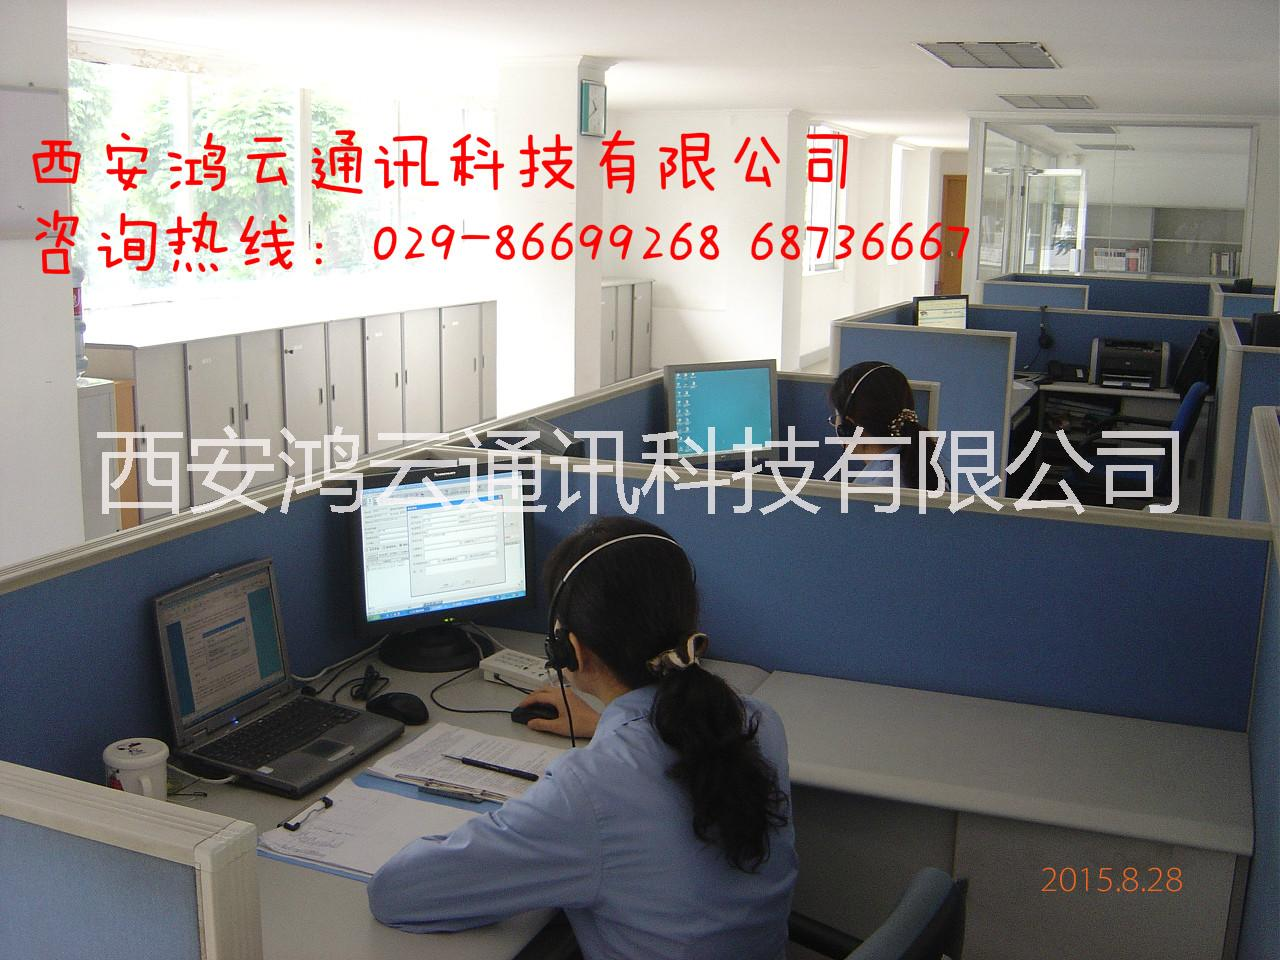 供应客户服务呼叫中心系统,客户关系管理,西安客服中心,稳定的网络图片